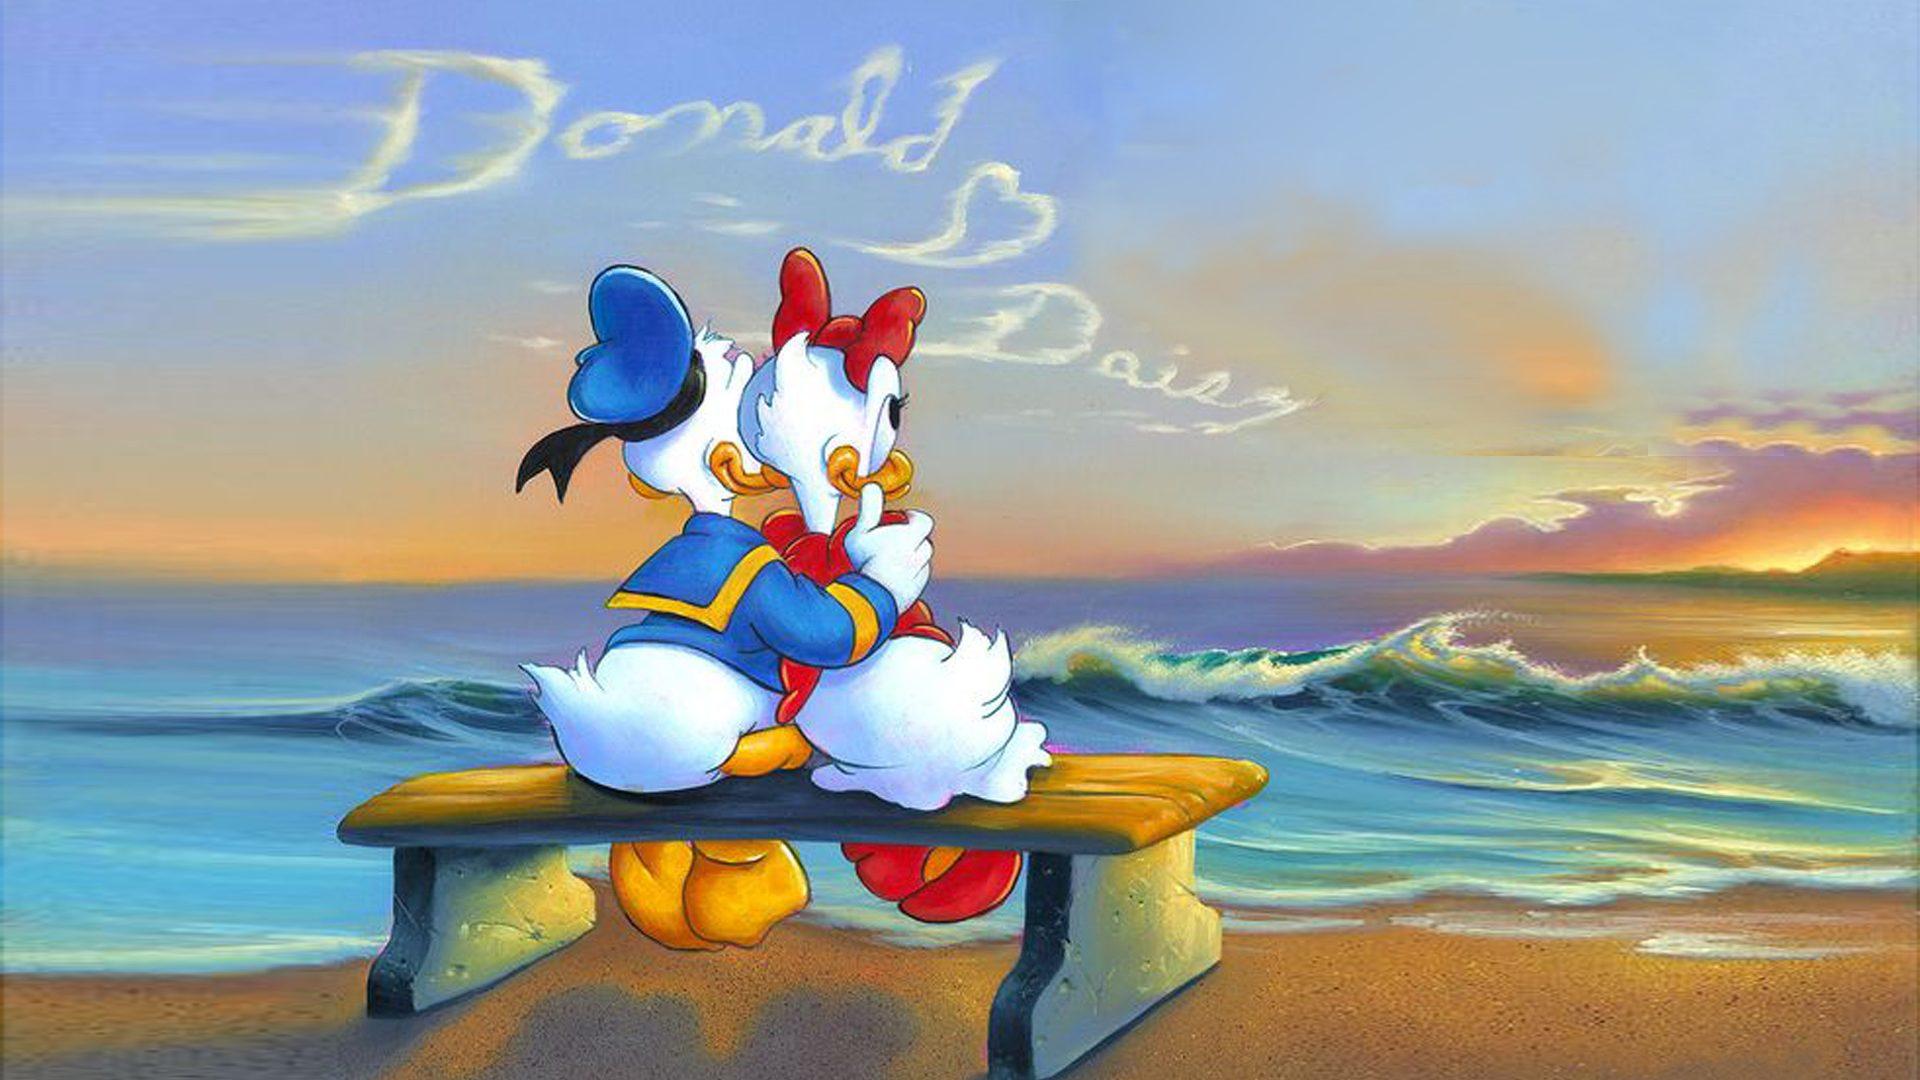 hình ảnh đẹp của vịt donald